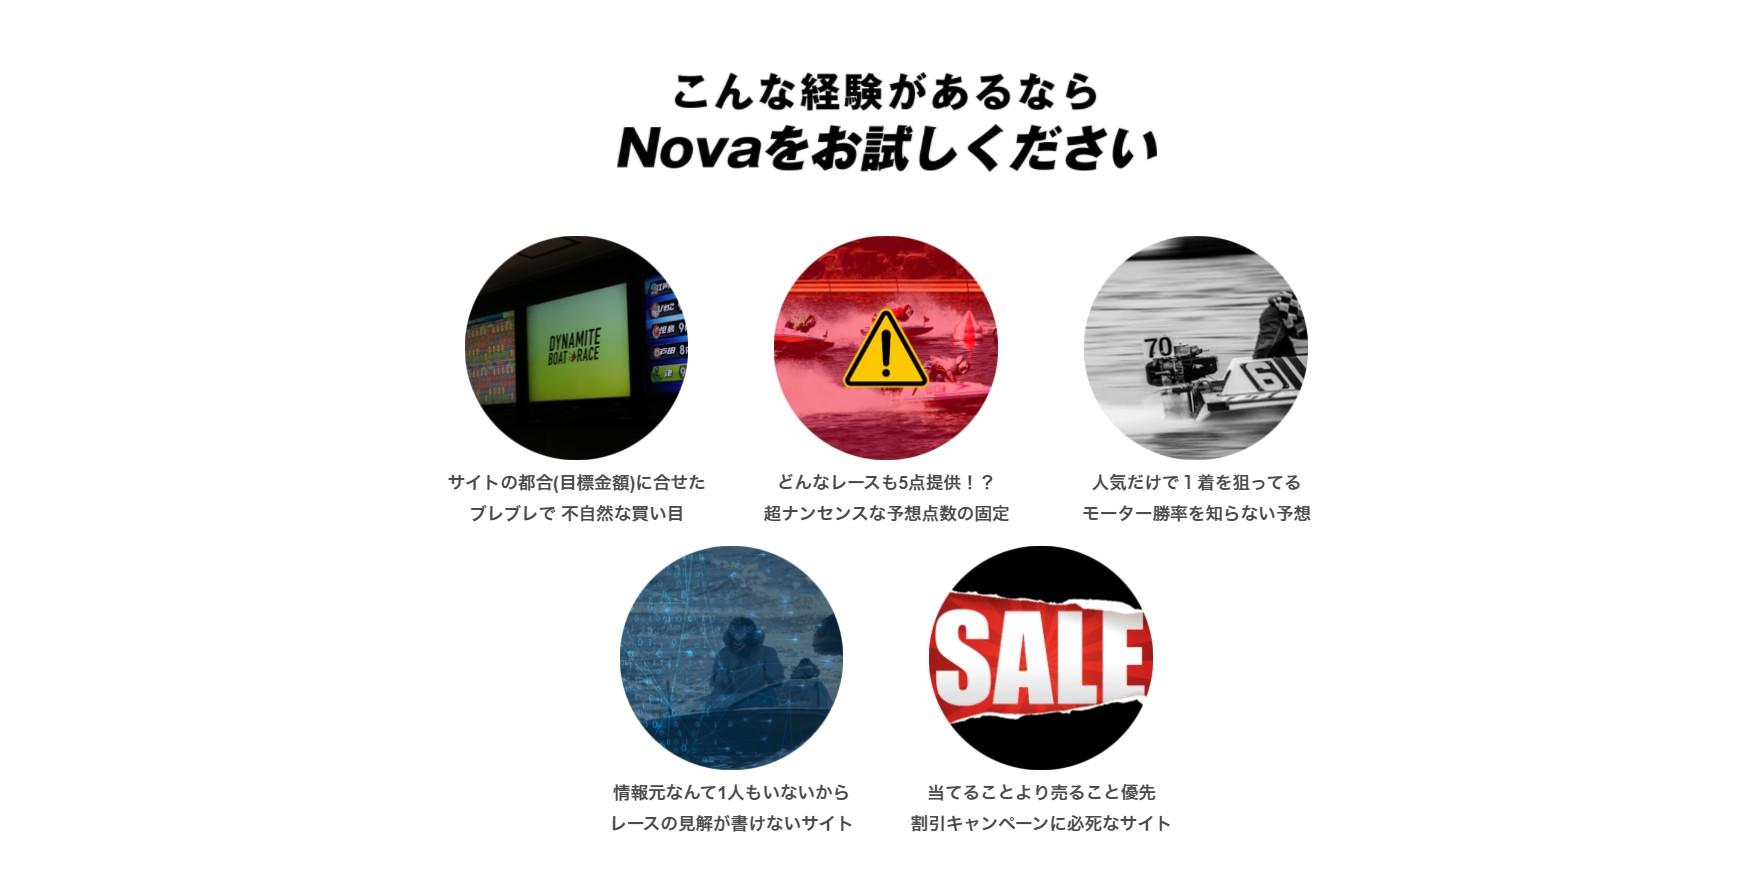 競艇Novaが提供する情報の種類